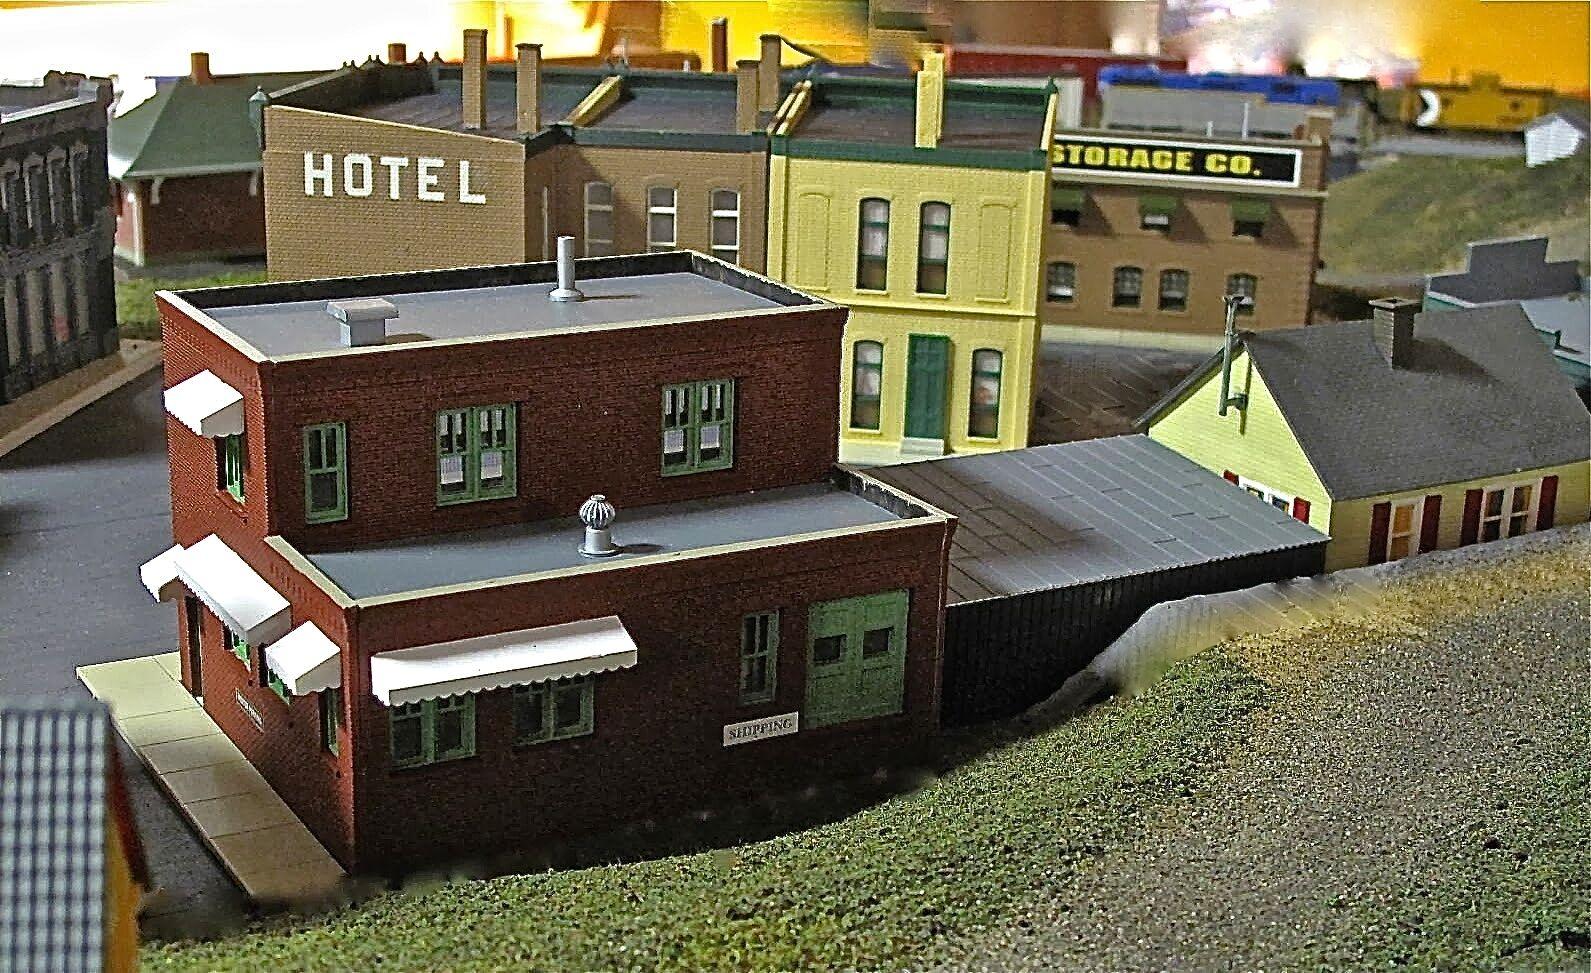 MODEL RAILROADS BY JOHN